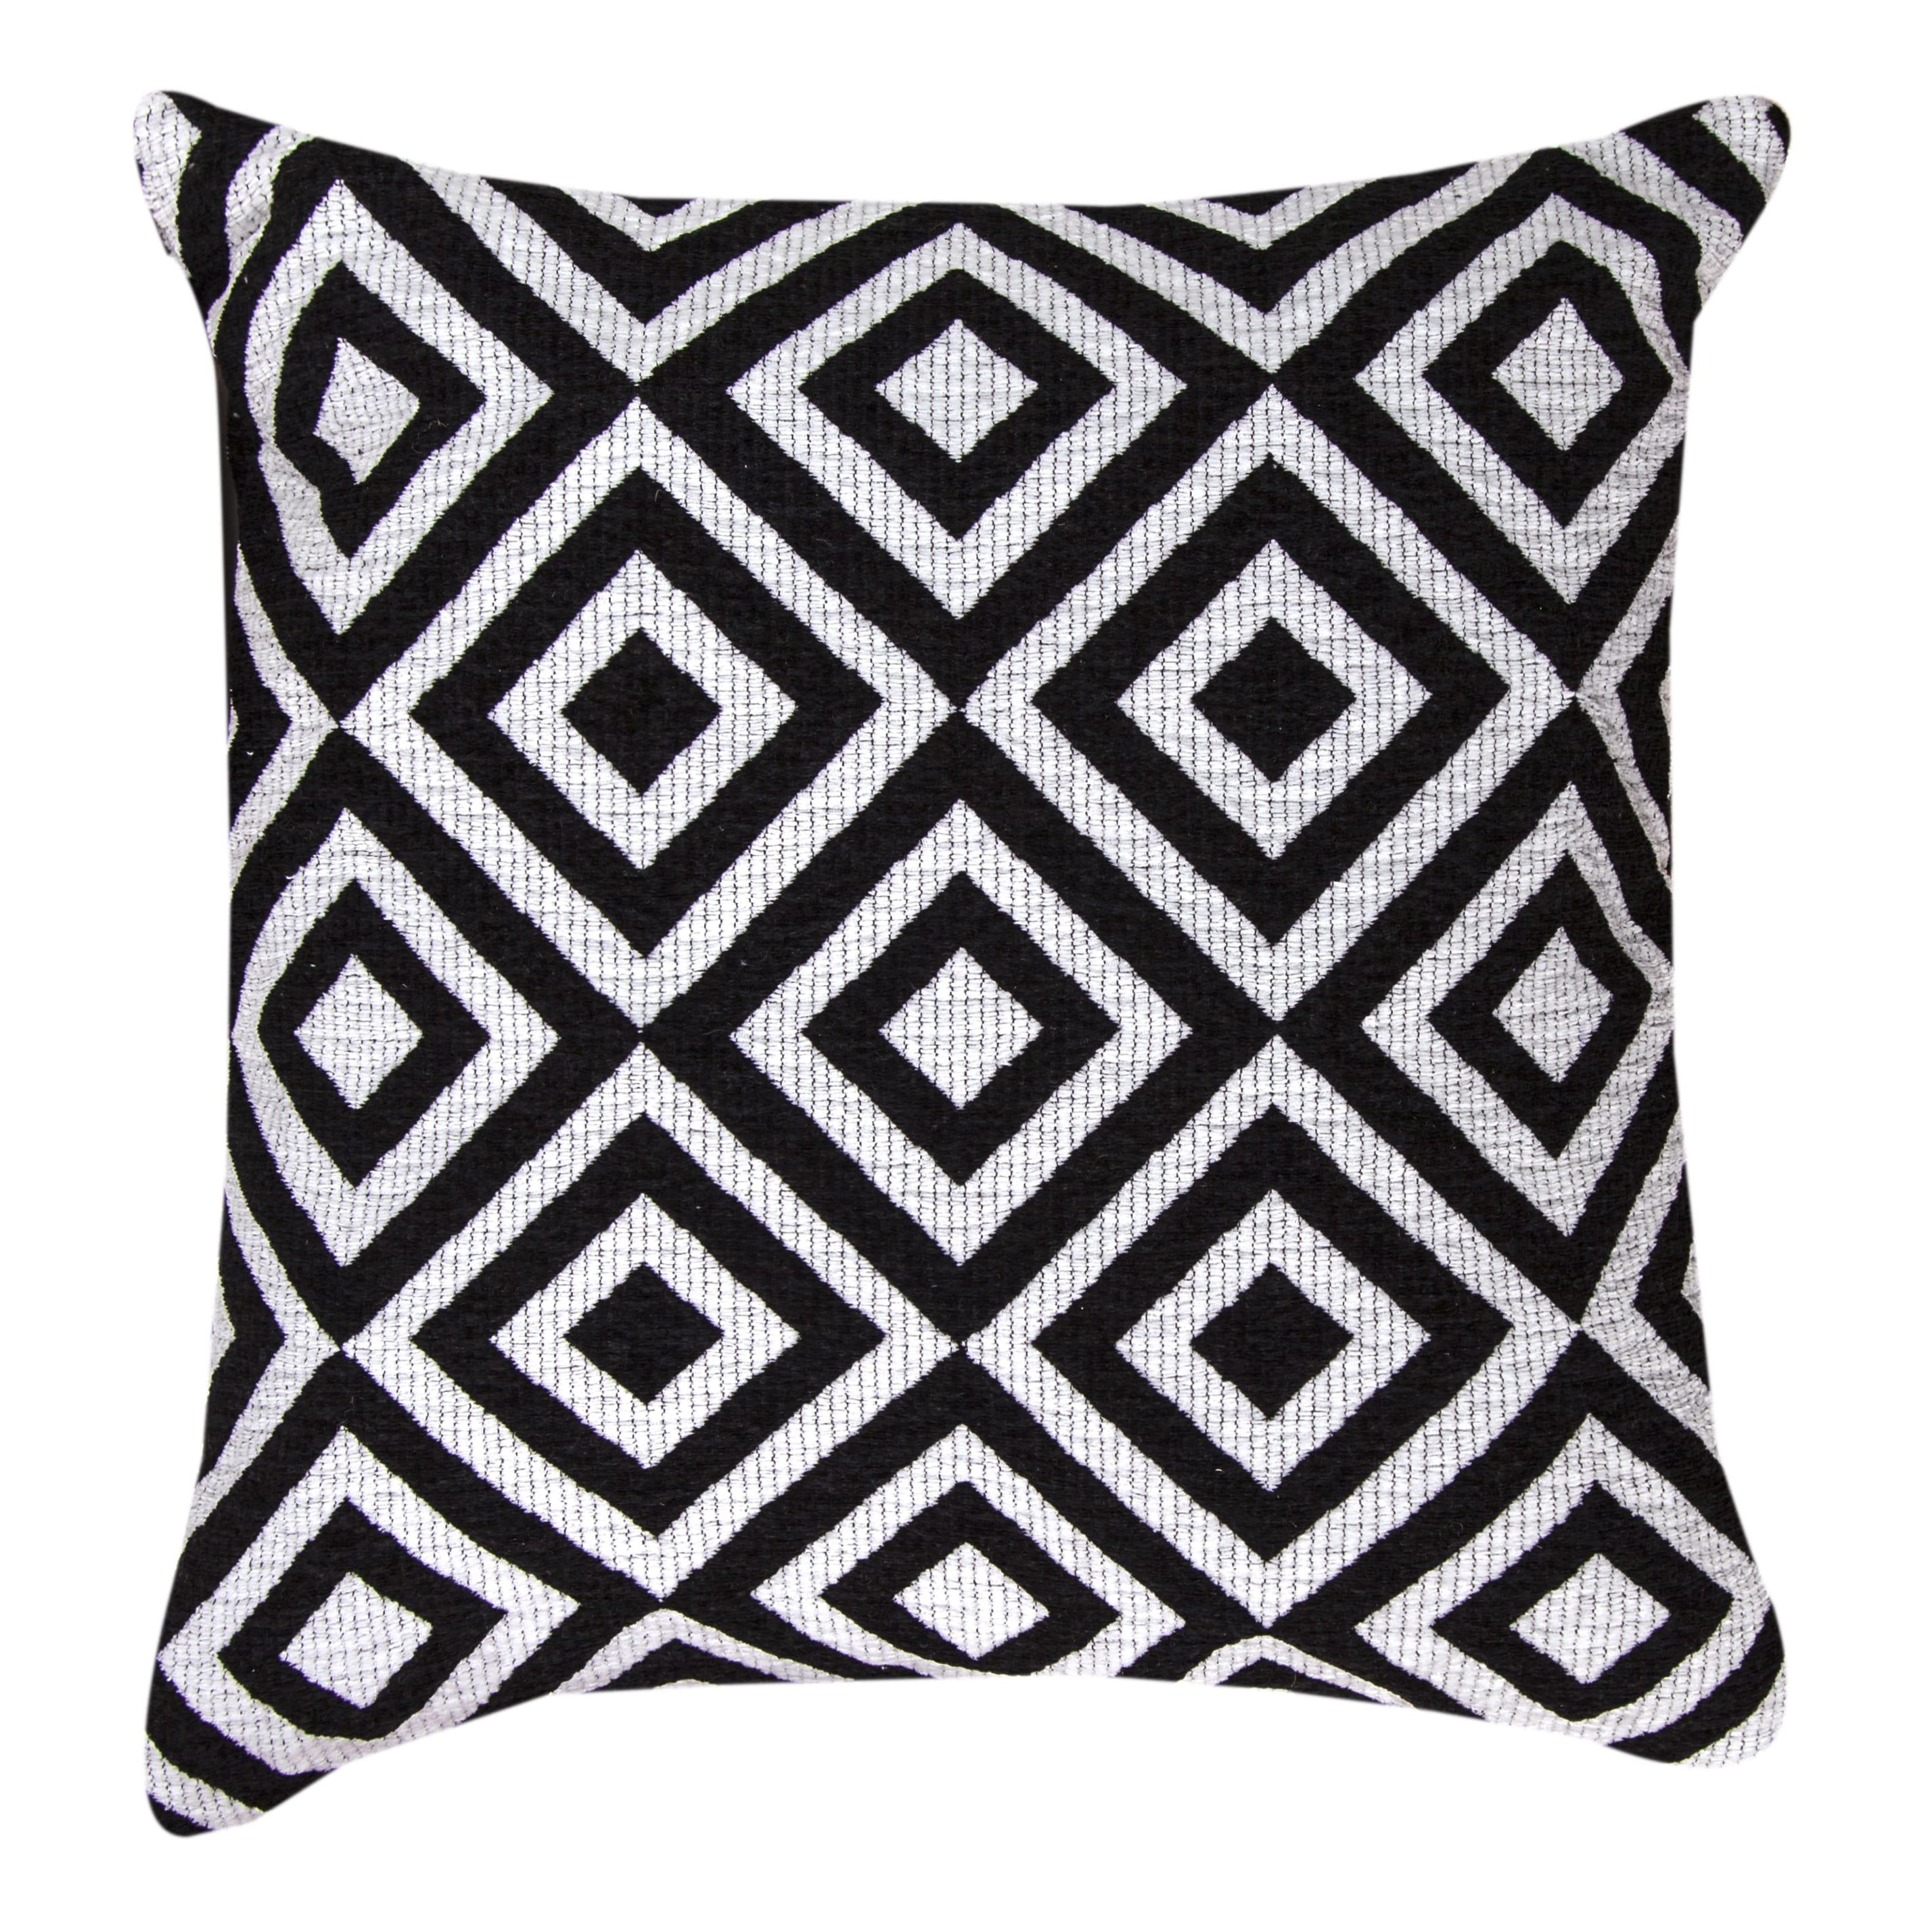 Black and White Diamond Throw Pillows - Free Shipping Today ...